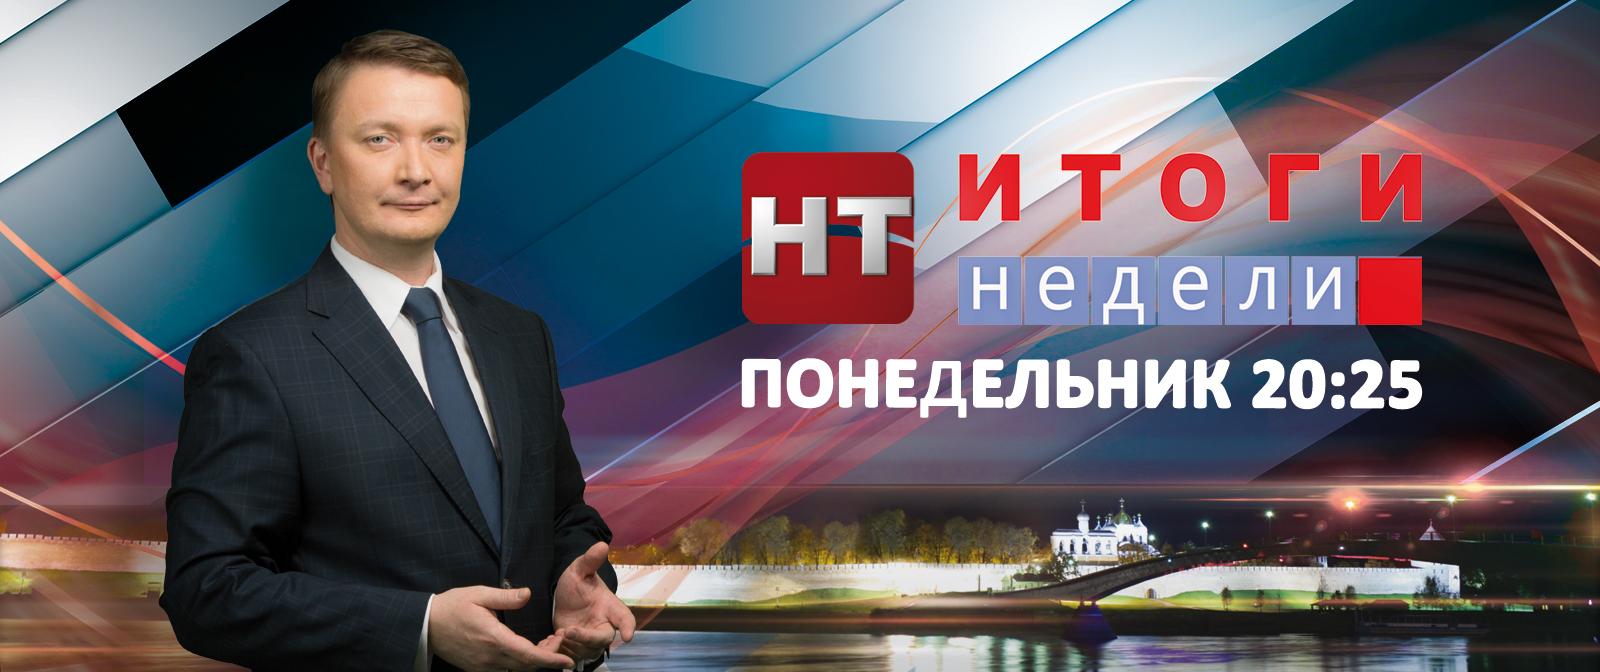 Итоги недели с Дмитрием Вертковым